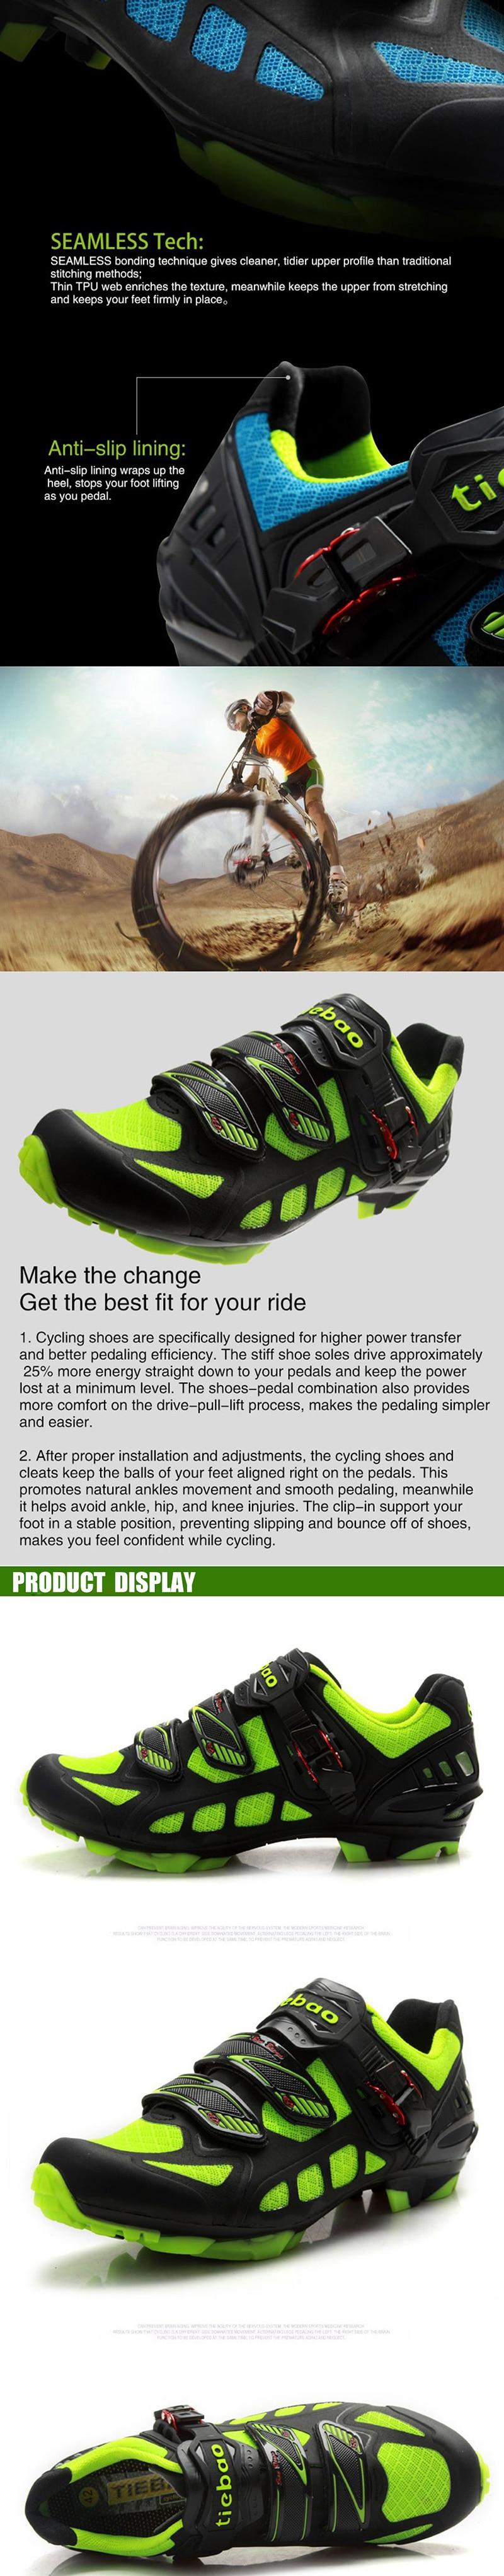 Respirant Montagne Baskets Chaussures Femmes Triatlon Autobloquantes Vélo Pédales De Spd Mtb Hommes Ciclismo Tiebao Sapatilha HDWI29E